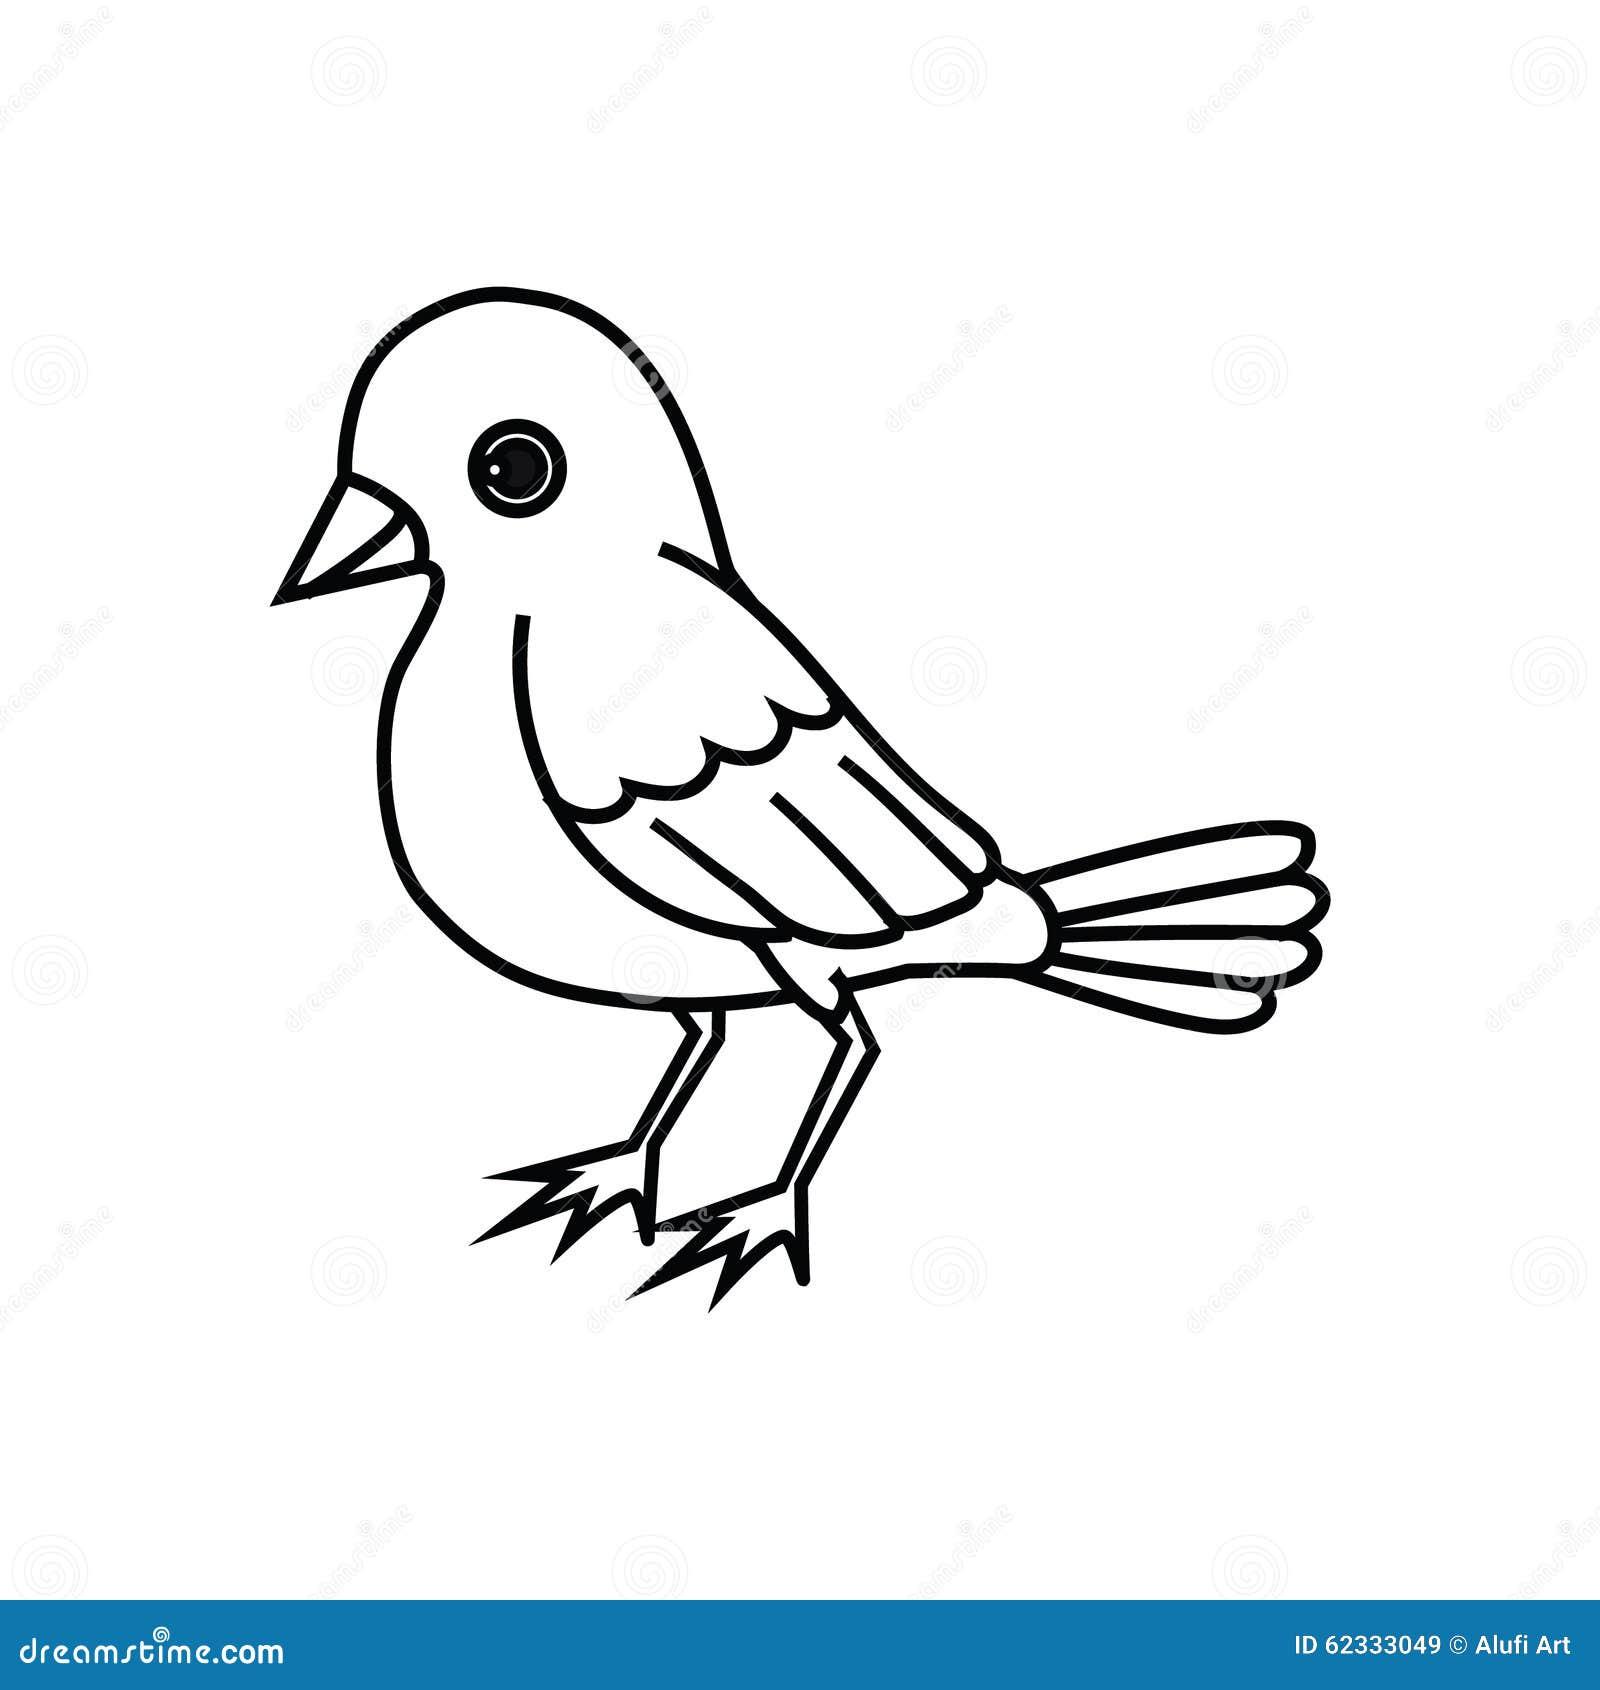 Standing Bird Outline stock vector. Illustration of flutter - 62333049